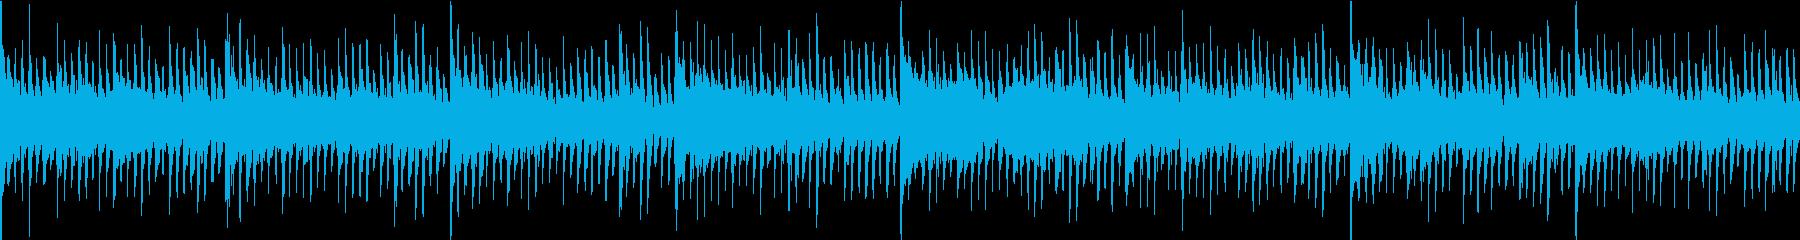 刺激的ではあるが少しメランコリック...の再生済みの波形